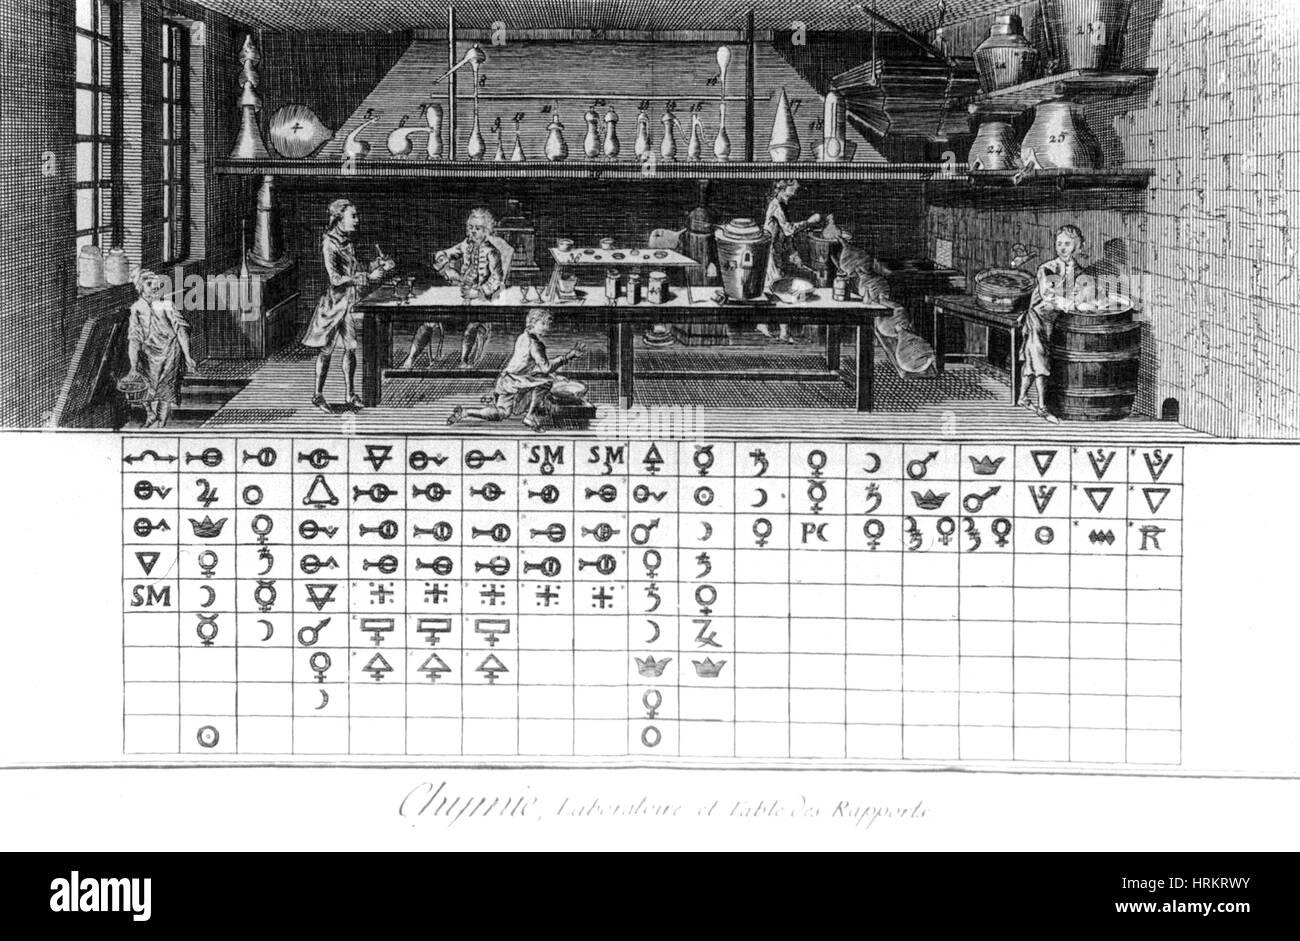 Laboratorio e simboli alchemici, XVIII secolo Immagini Stock